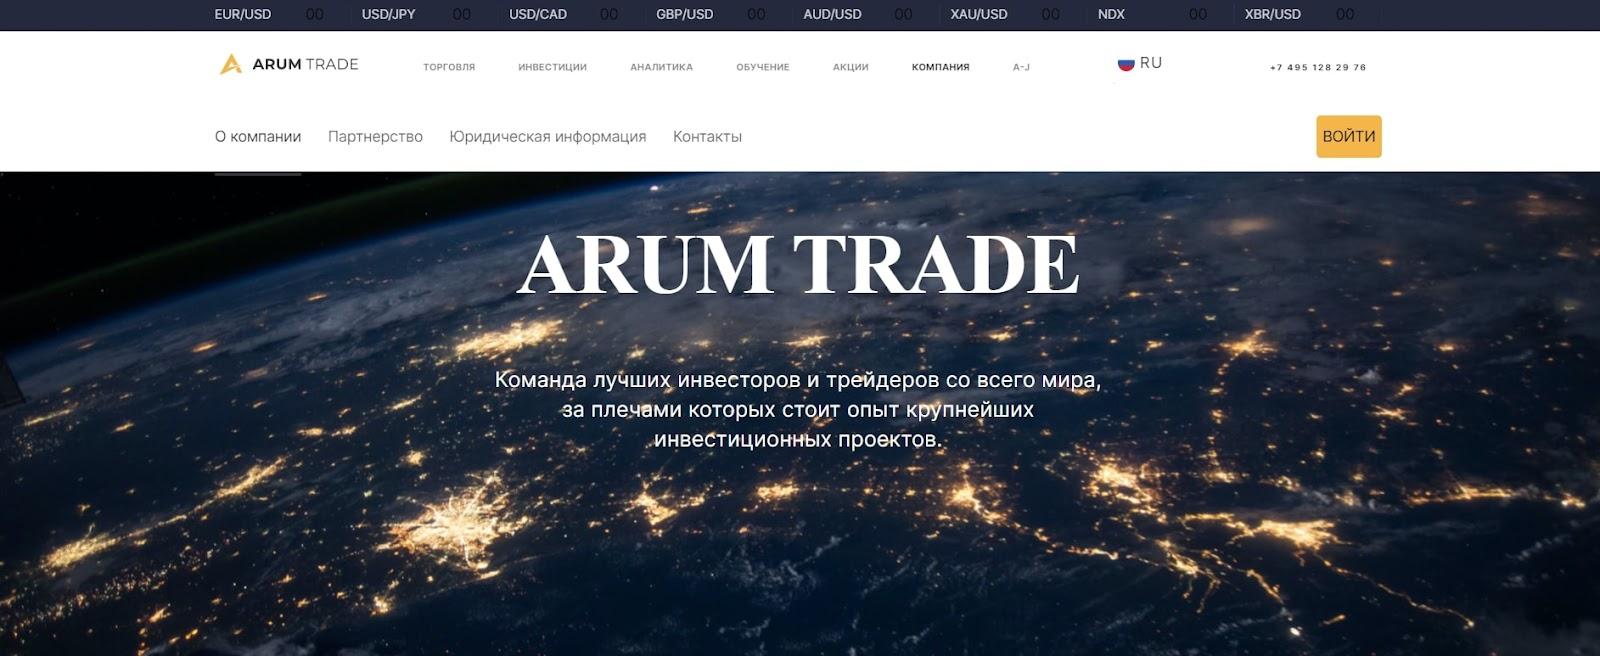 Стоит ли доверять бренду Arum Trade? Честный обзор площадки